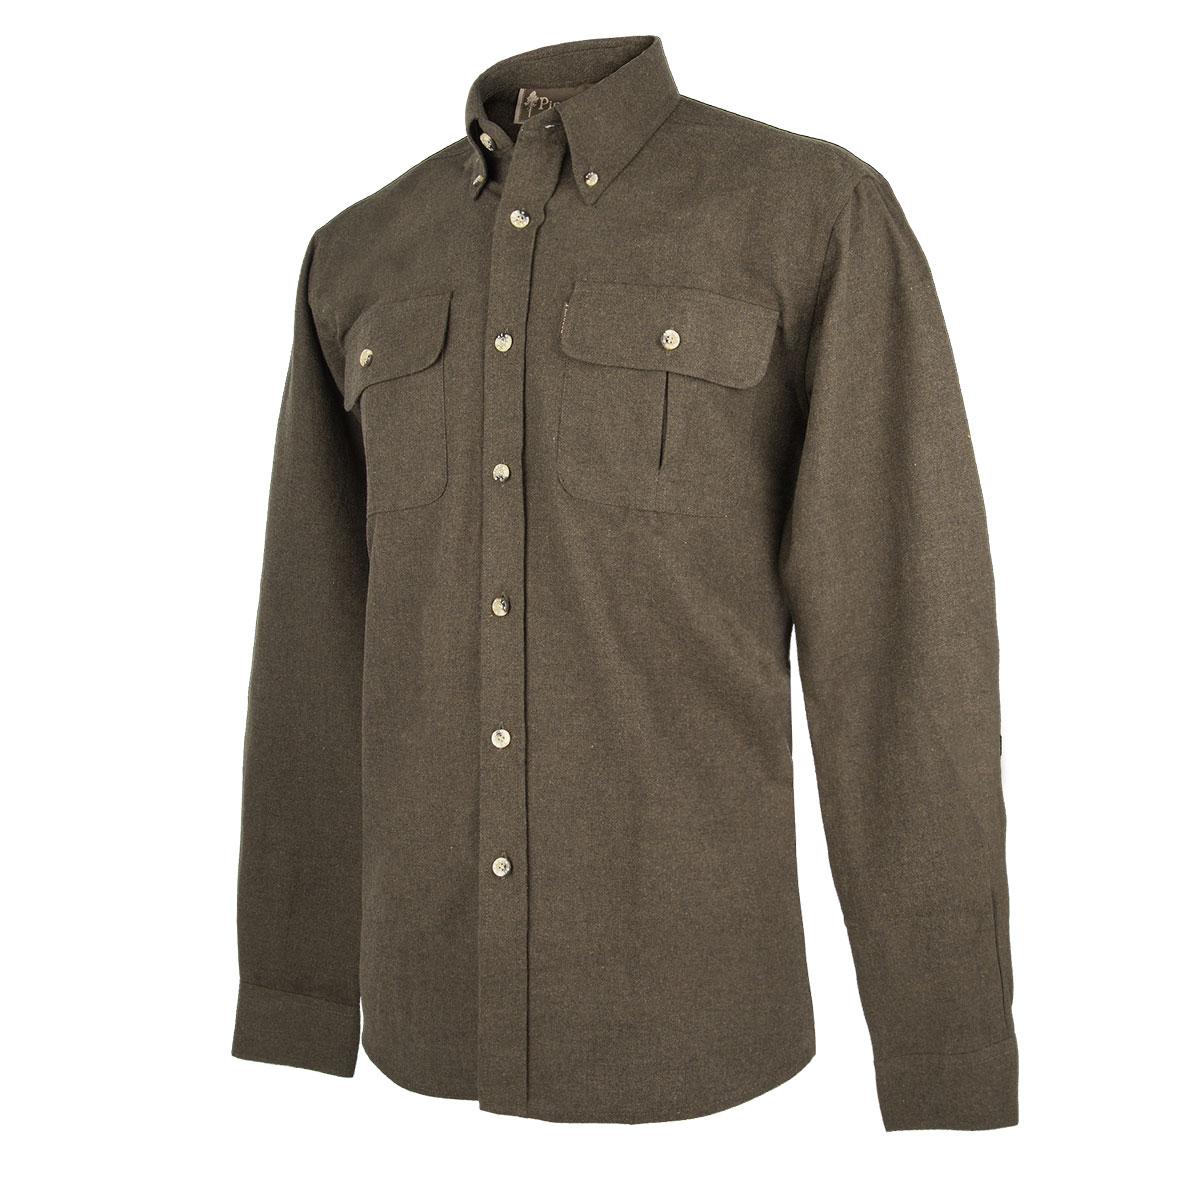 Pinewood Hemd Edmonton - jetzt bequem online kaufen auf Pareyshop.de eb00d42fd3